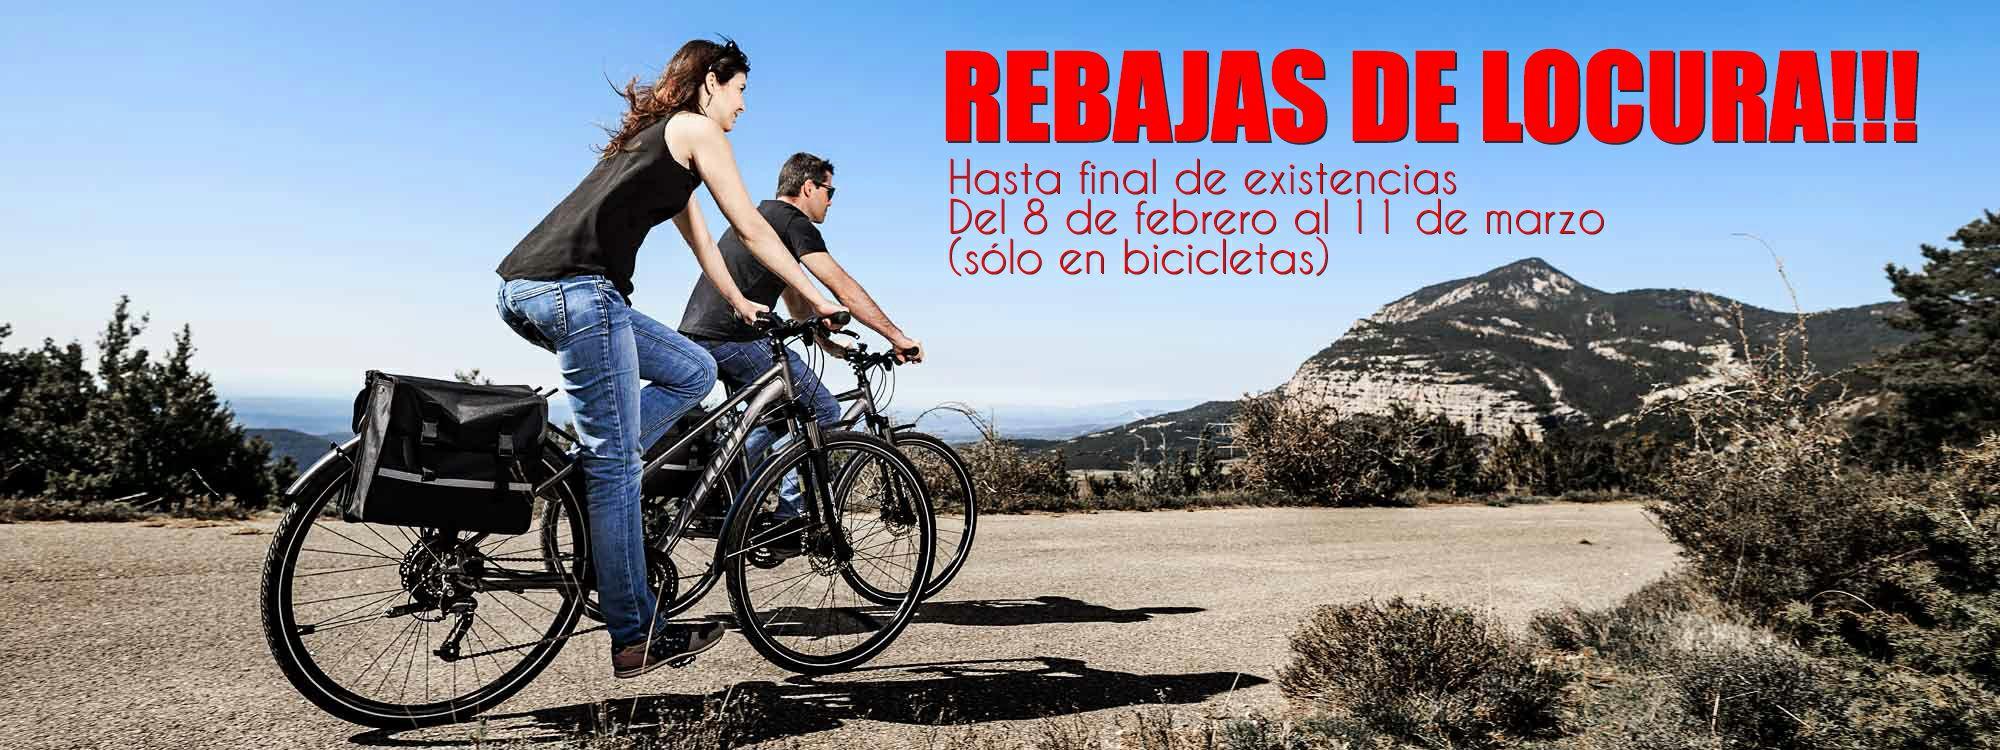 Liquidación de bicicletas en Clootbike.com hasta final de existencias.REBAJAS solo del 8 de febrero al 11 de marzo.